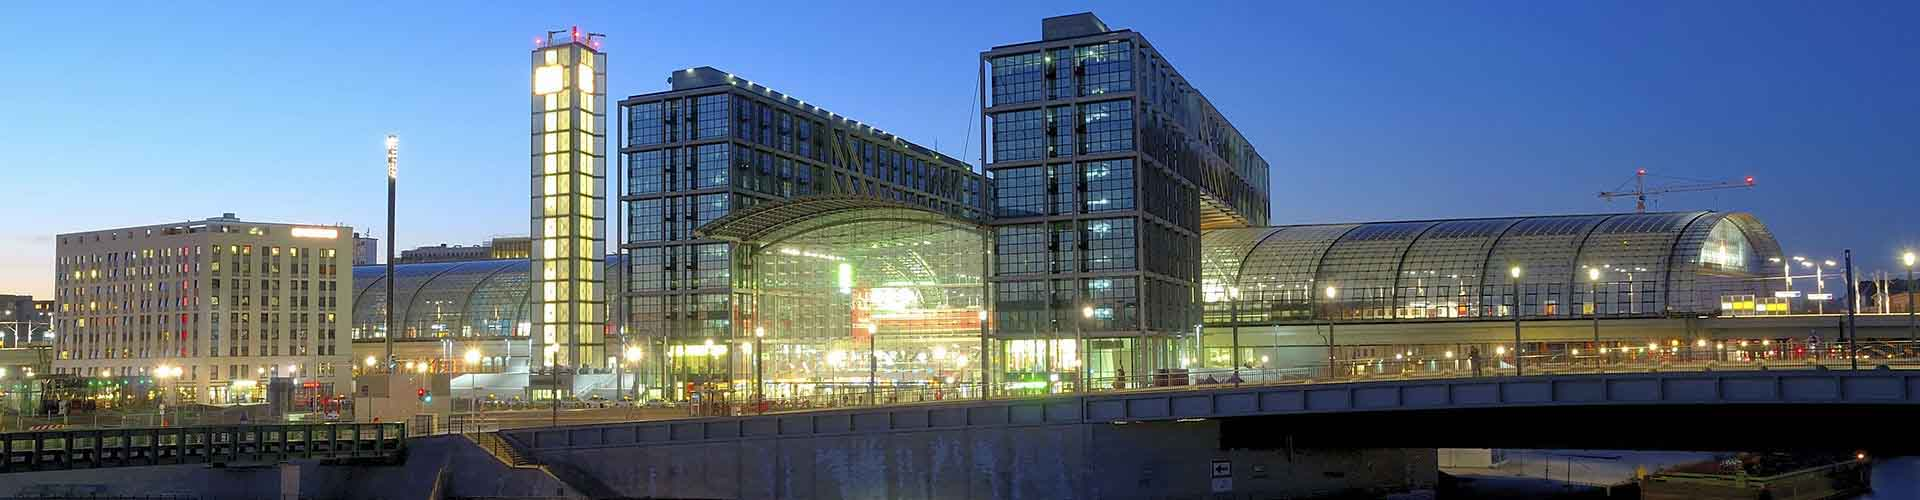 Berlin - Apartments nahe Berlin Hauptbahnhof. Berlin auf der Karte. Fotos und Bewertungen für jedes Apartment in Berlin.